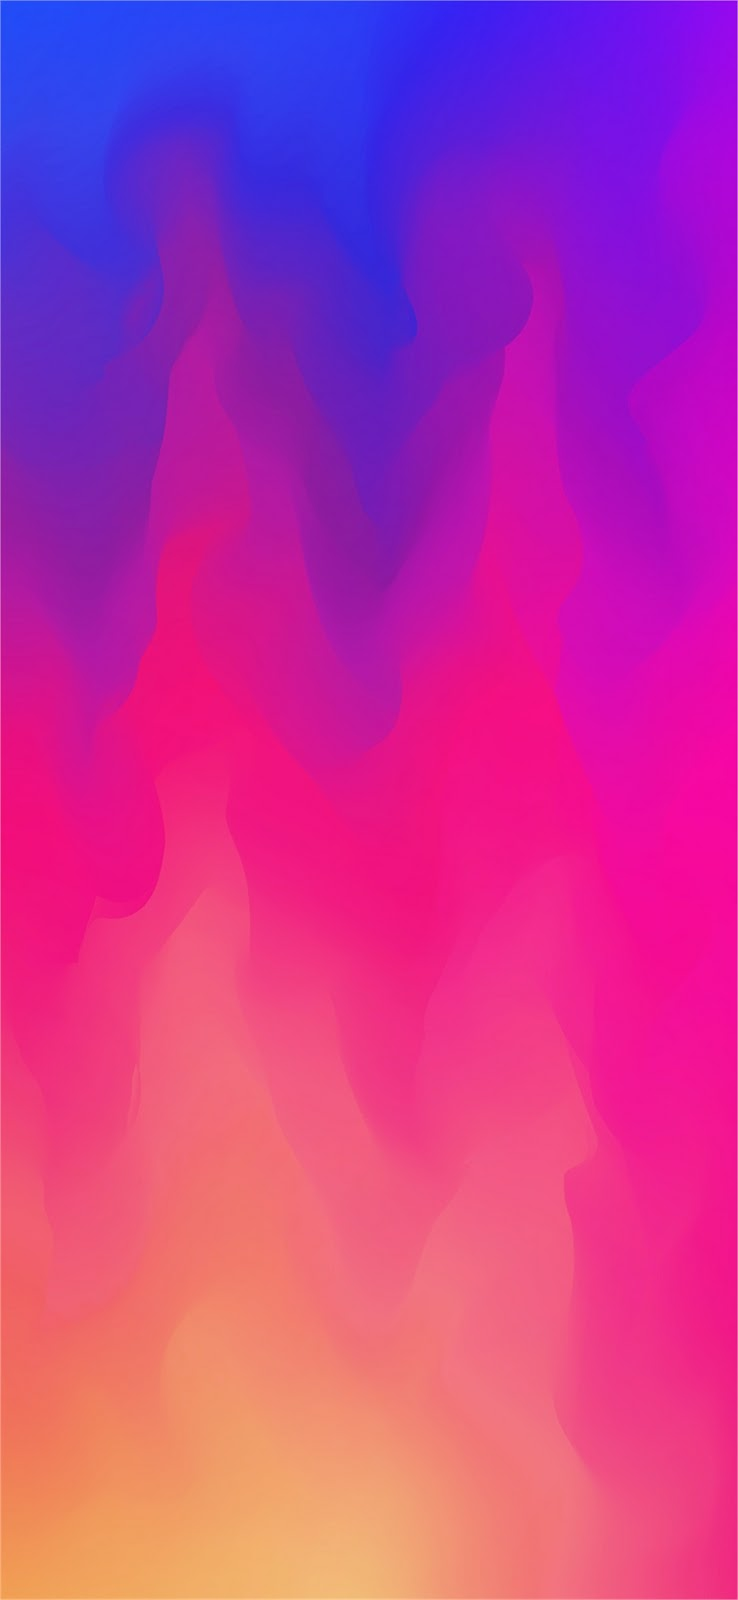 Diwali pink